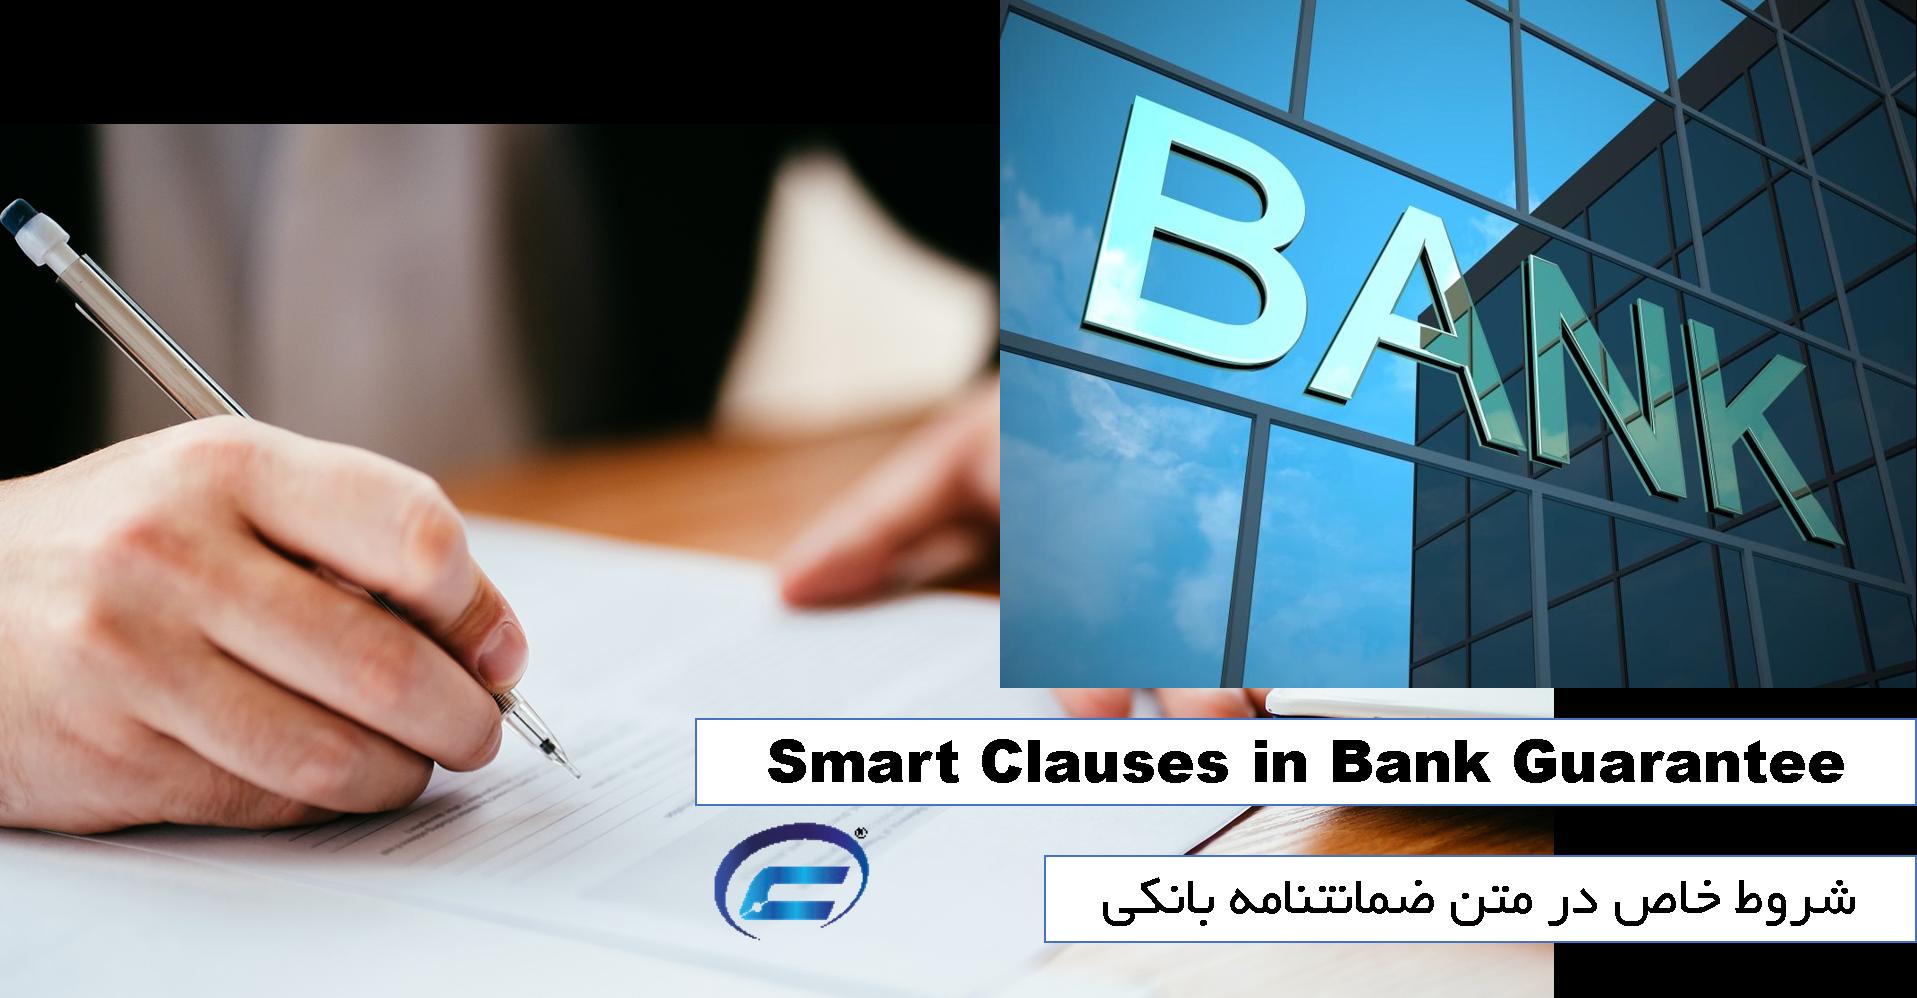 شروط اساسی در متن ضمانتنامه های بانکی